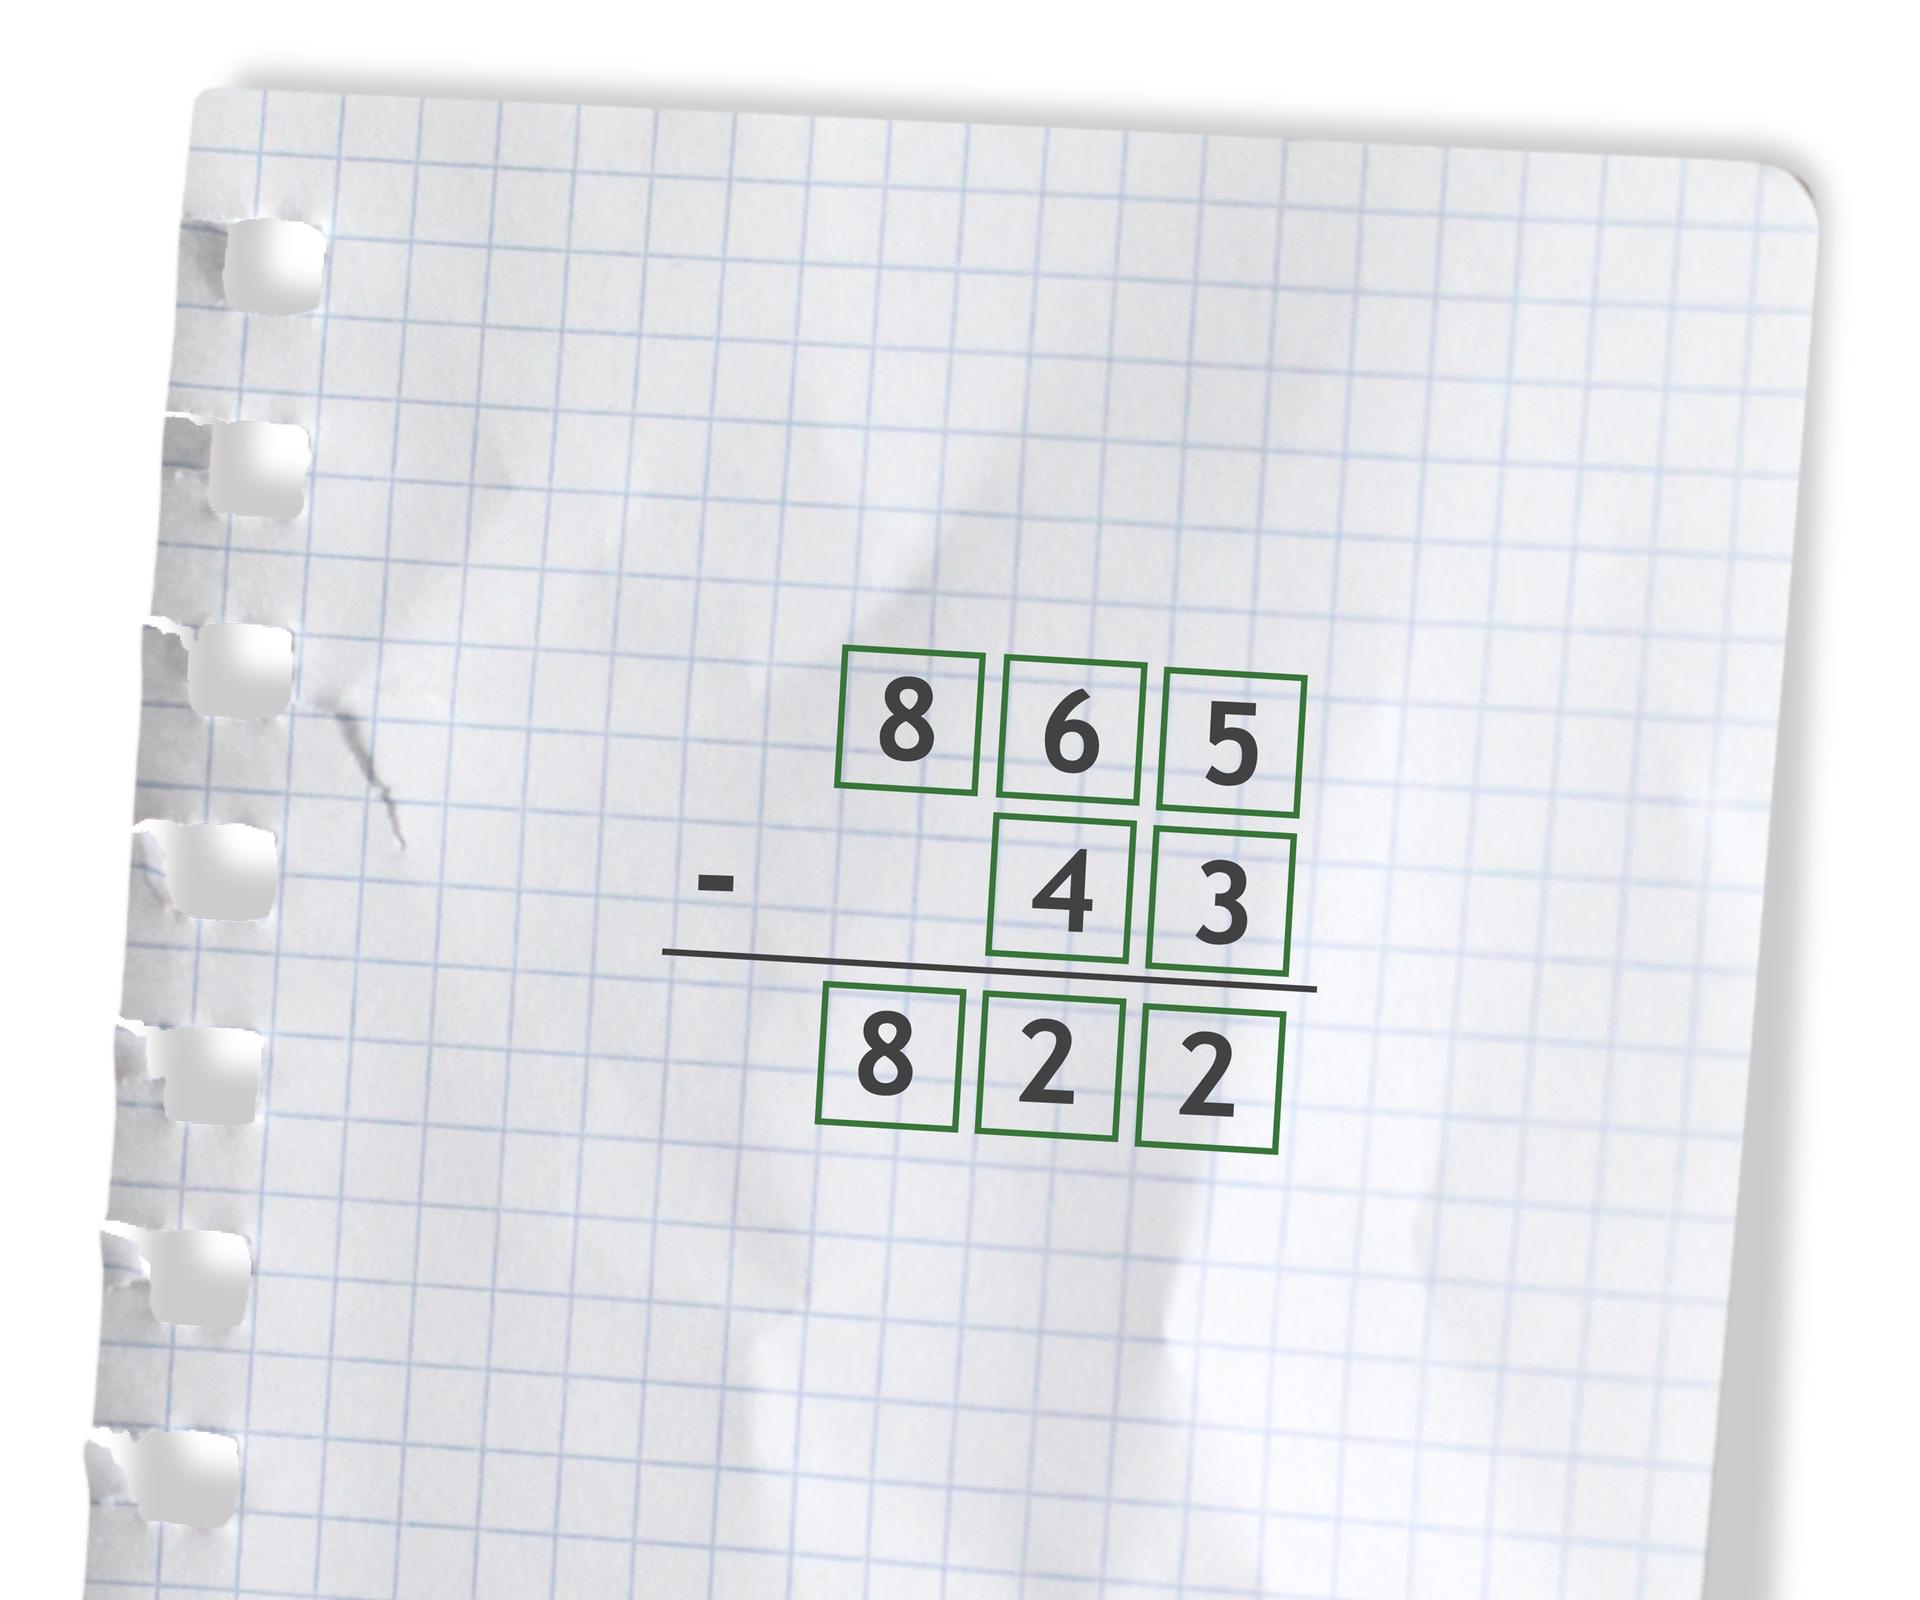 Przykład: 865 - 43 =822. Rozwiązanie zadania podpunkt c.